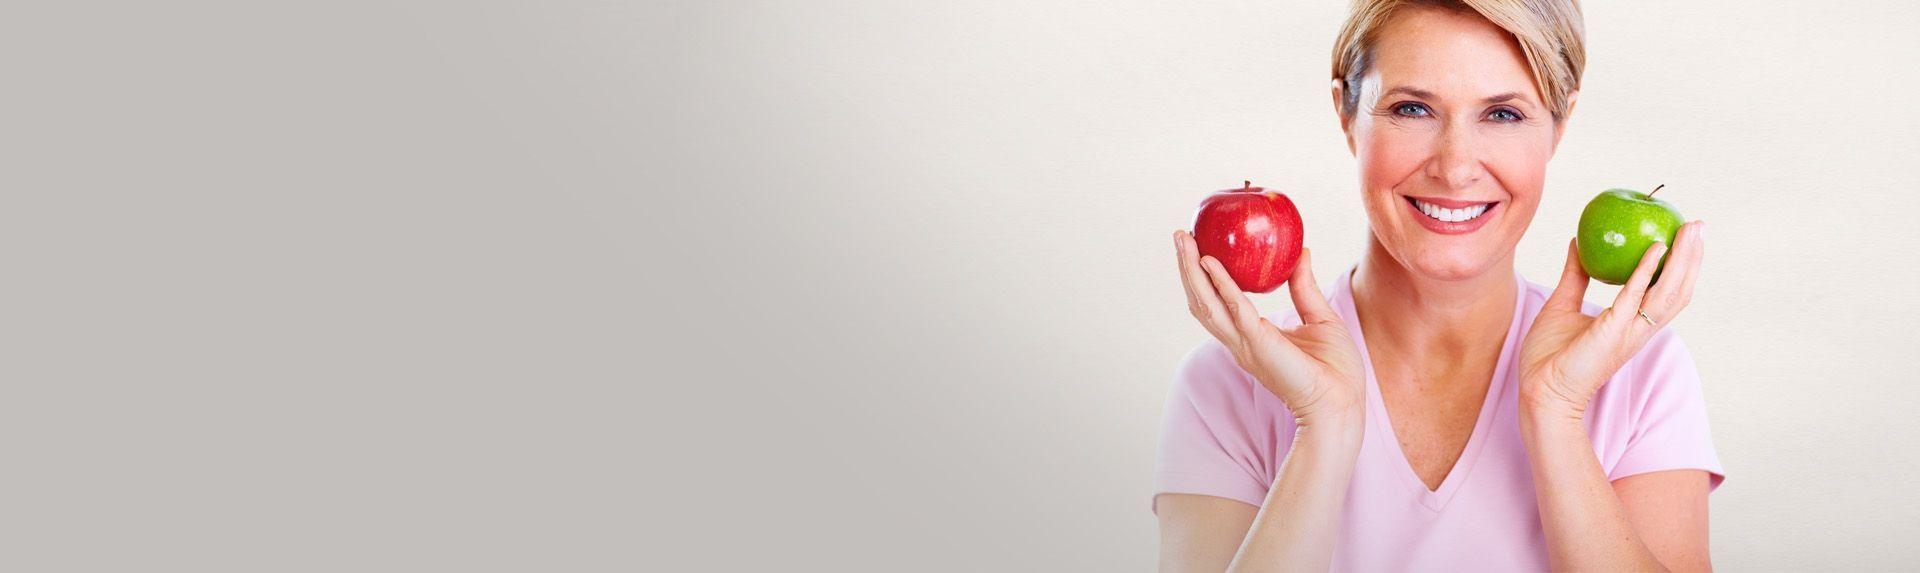 Проявления климакса: нарушение контроля аппетита у женщин после 45